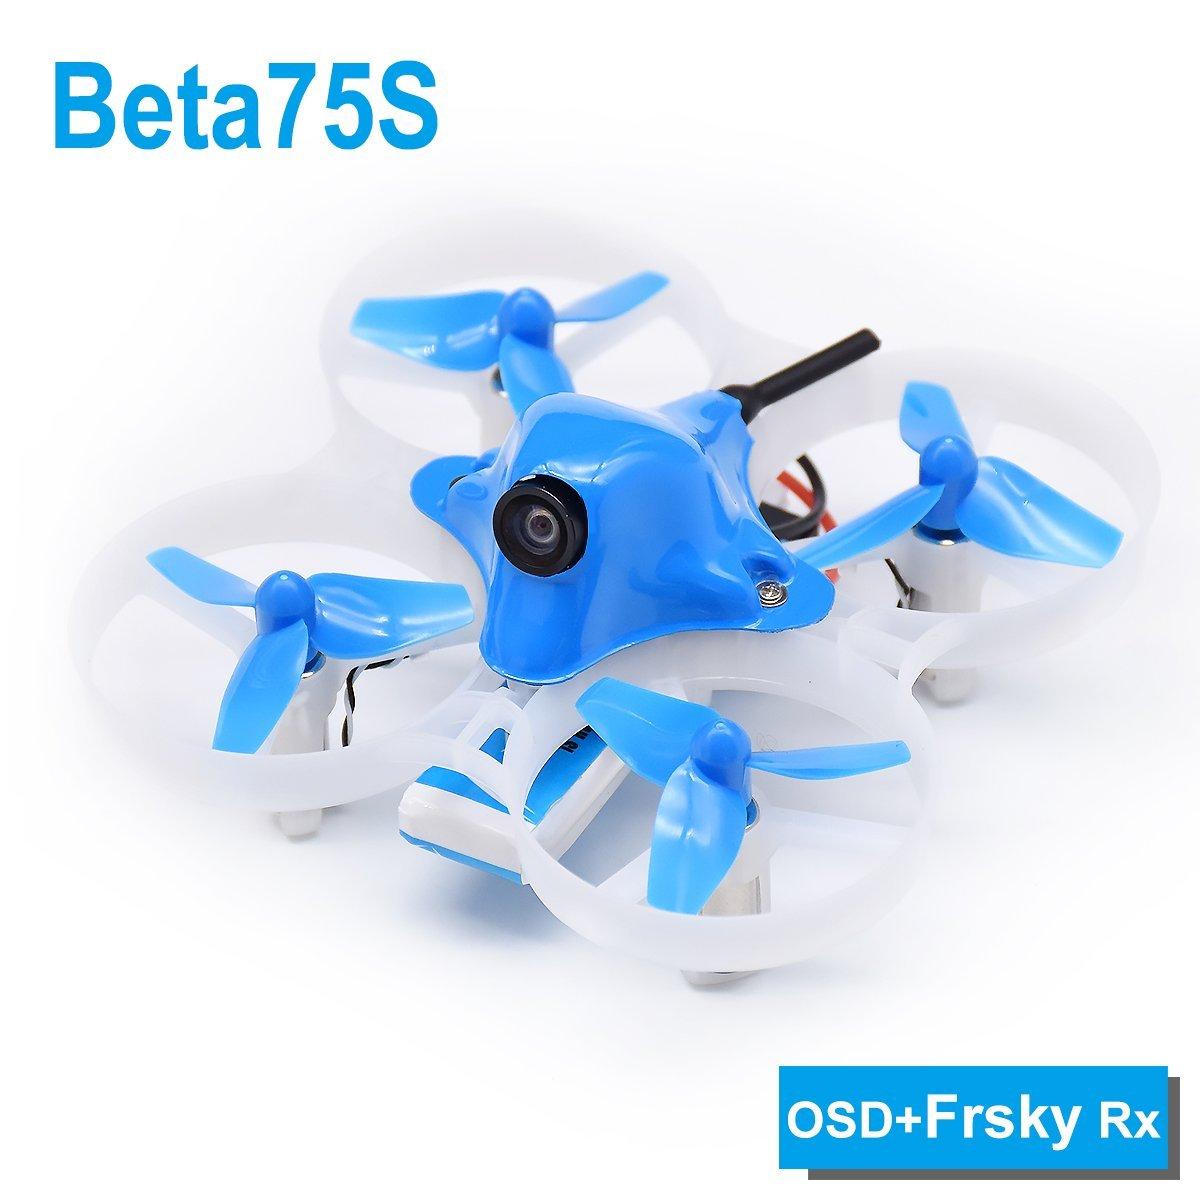 BETAFPV Beta75S BNF Minuscule Cri Quadcopter Frsky Récepteur avec OSD pour 8X20 Moteur